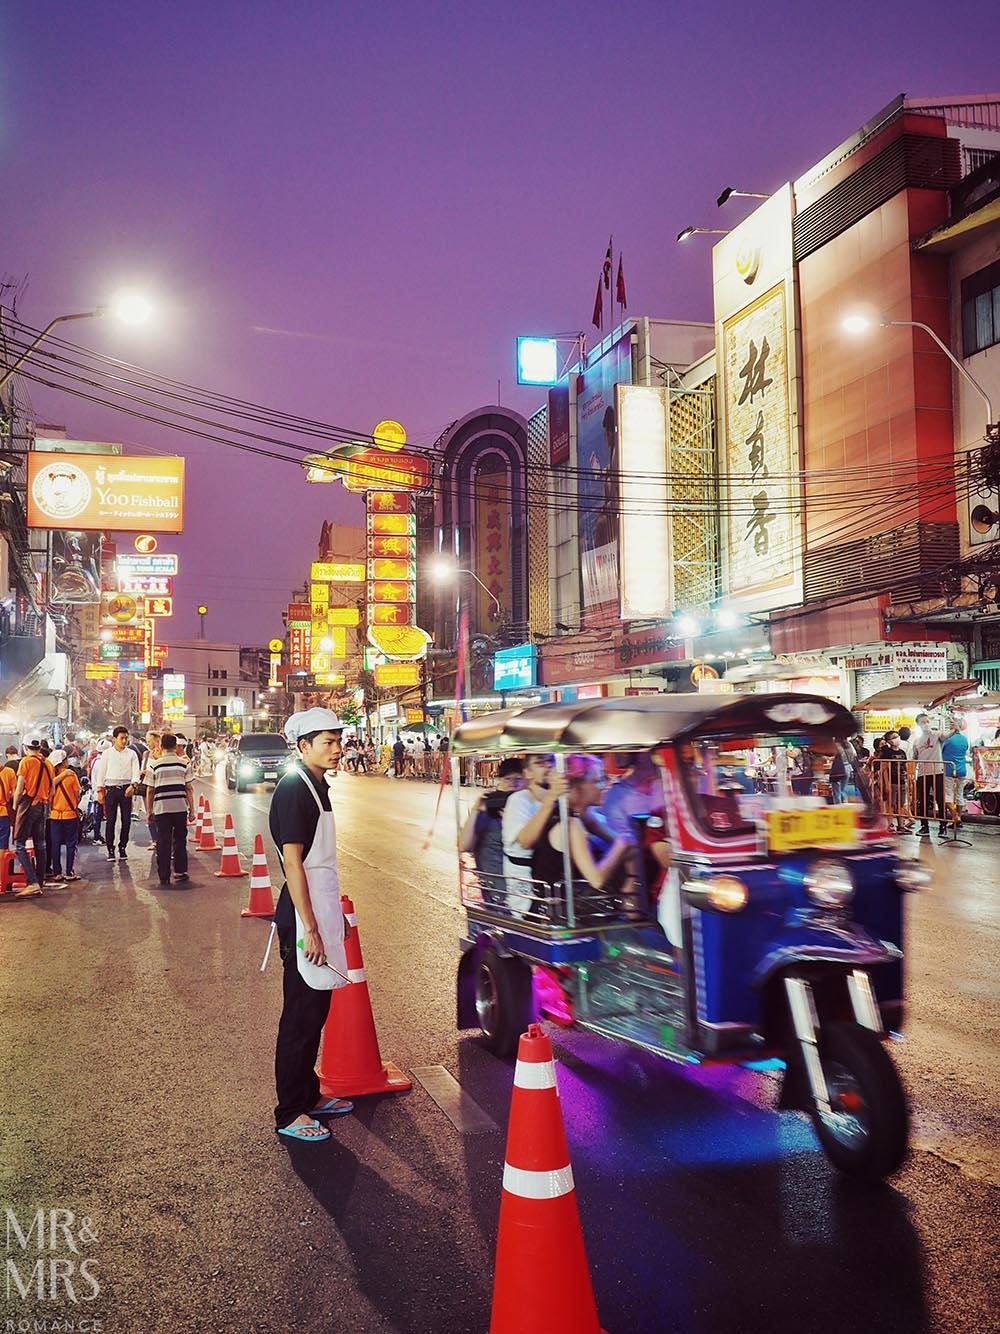 Yoawarat - Bangkok Chinatown - narrow streets and packed tuktuks